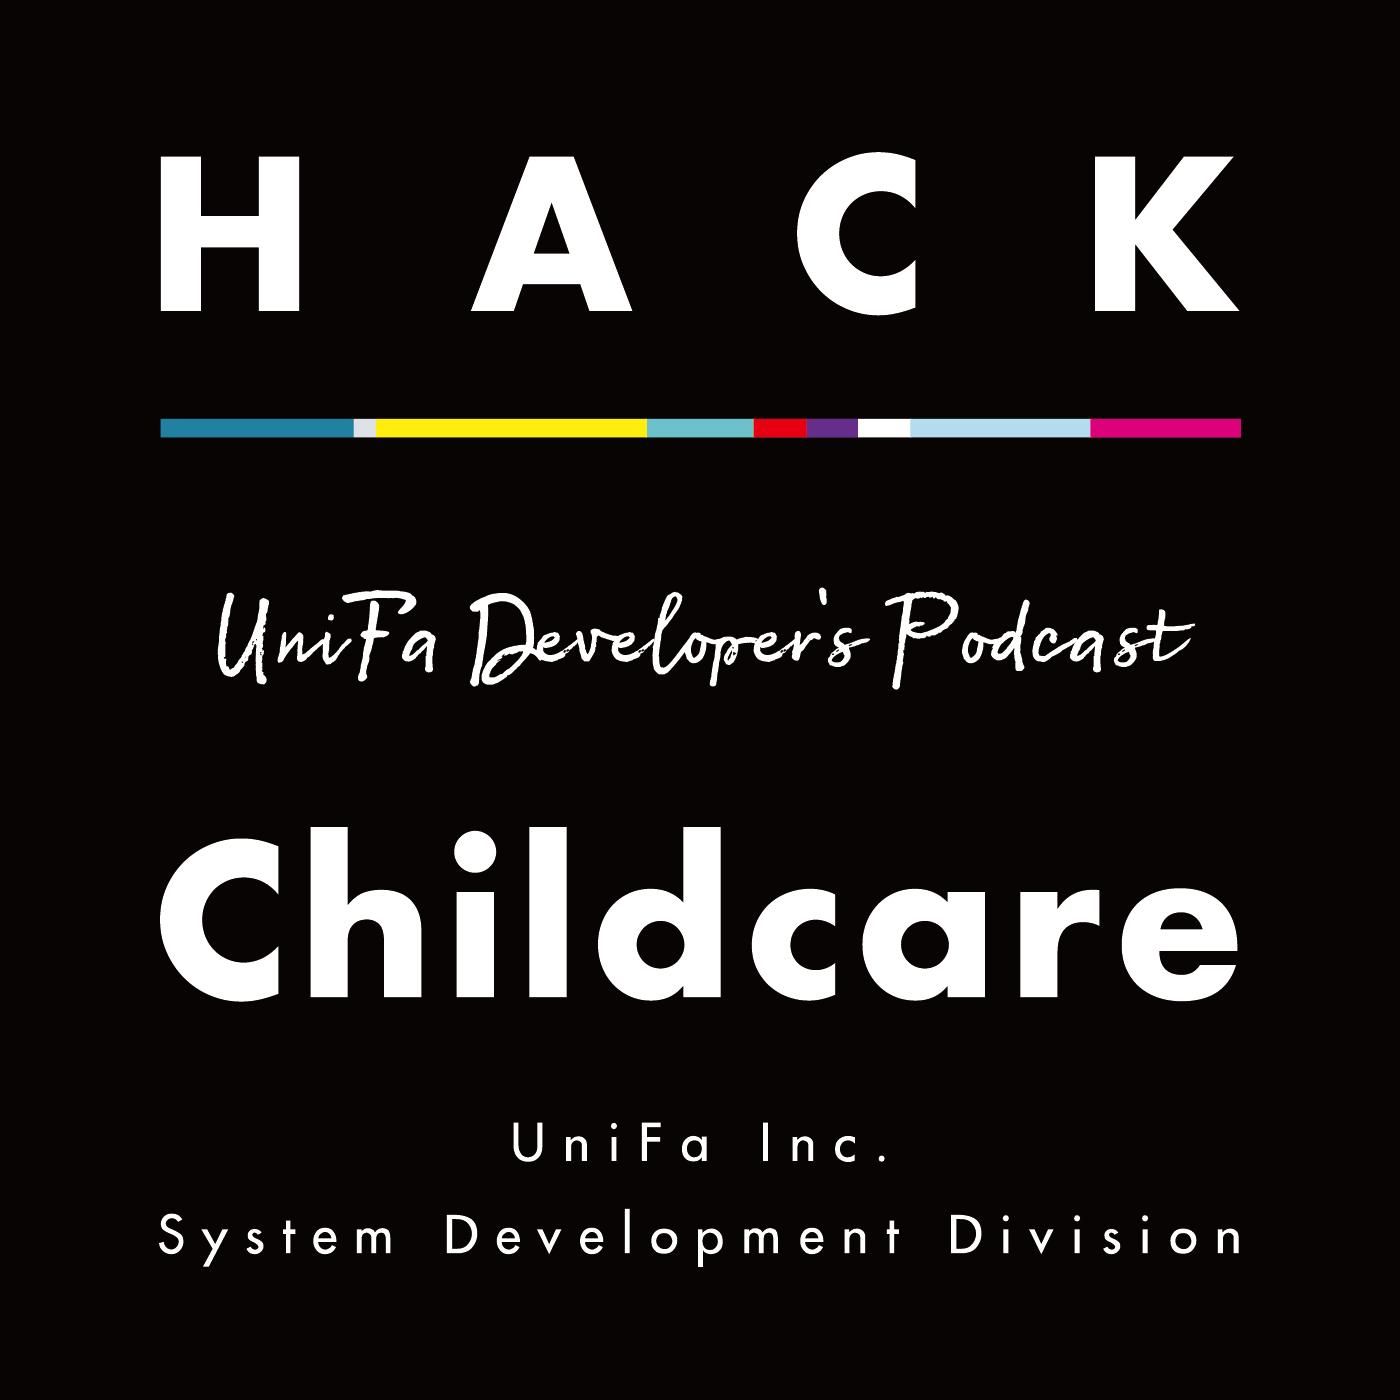 UniFa Developer's Podcast